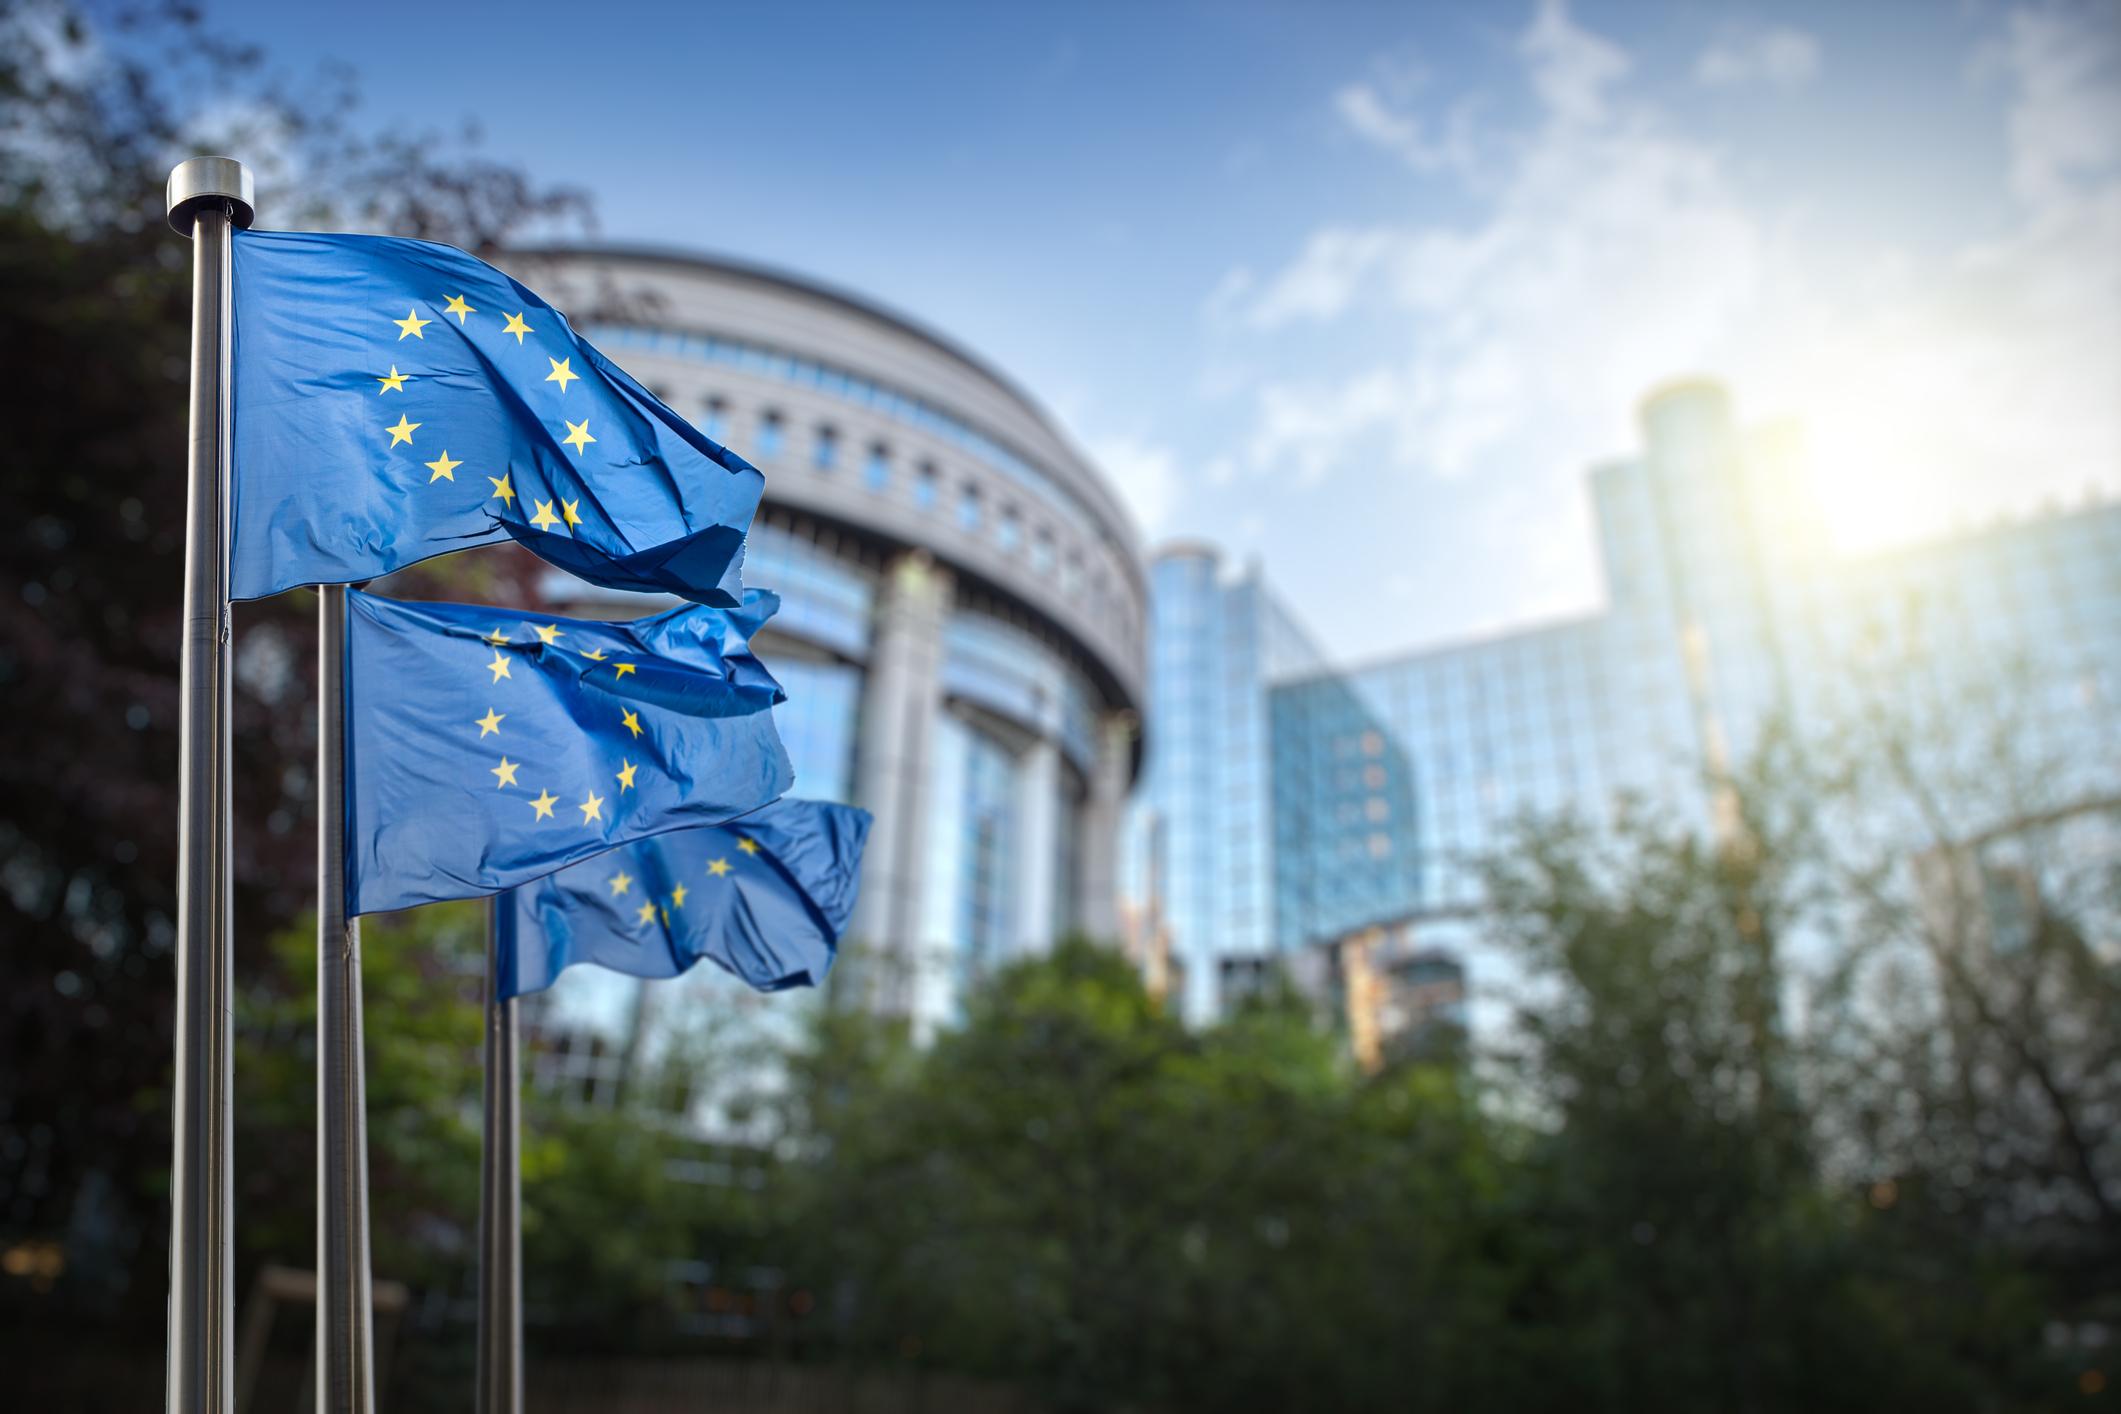 歐盟(The European Union, EU)昨日(18日)宣布將白港納入「白名單」,撤銷對香港、澳門、台灣等地區的入境限制。